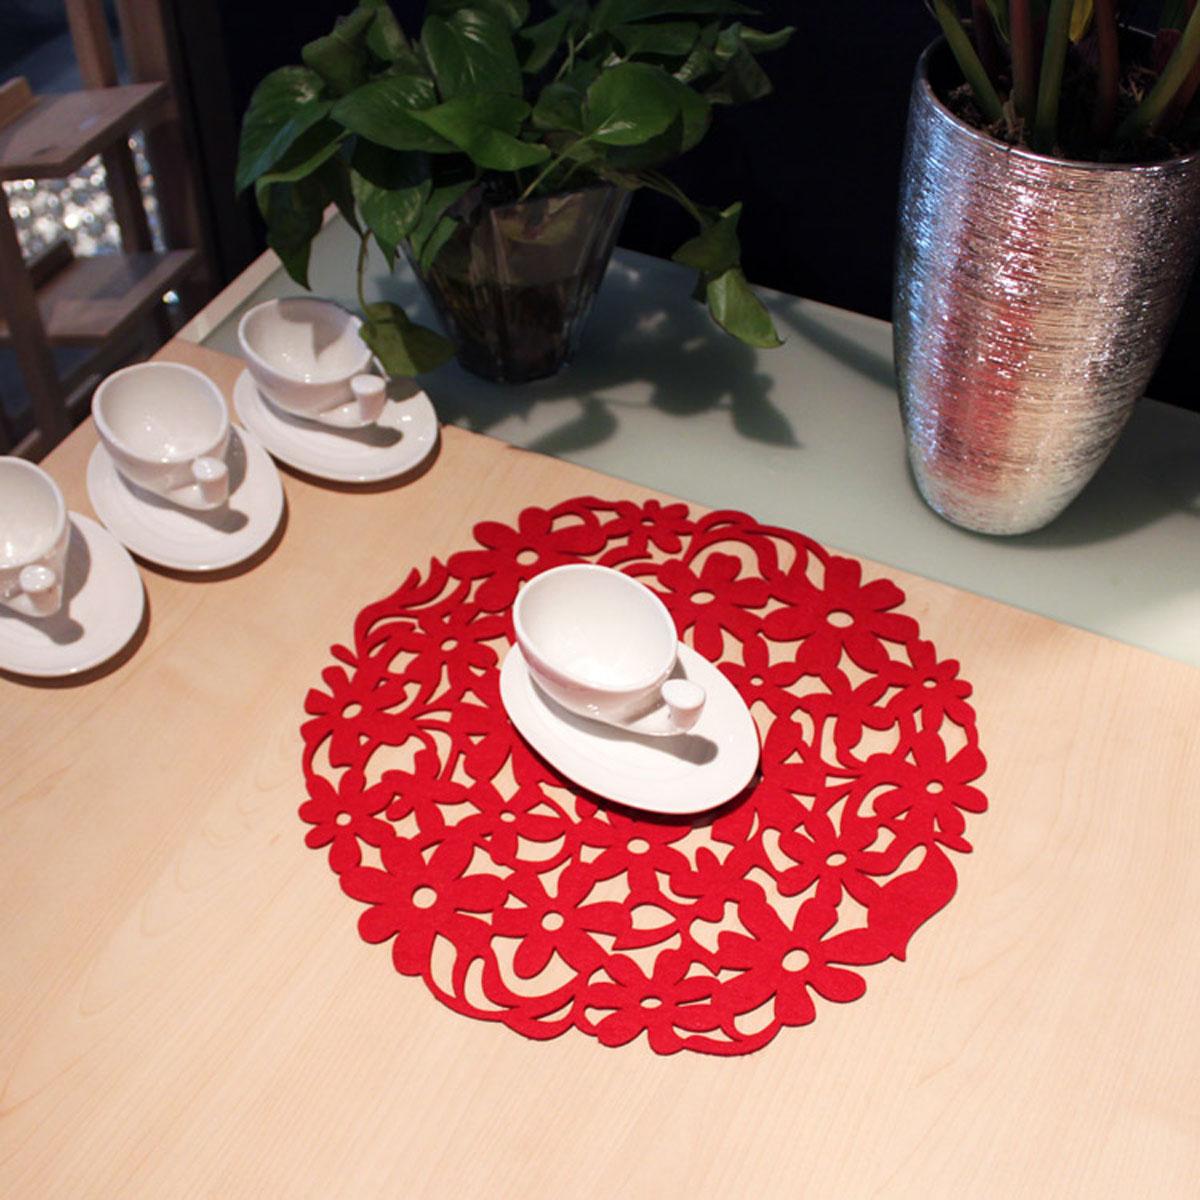 Round laser cut flower felt placemats kitchen dinner table for Dinner table placemats